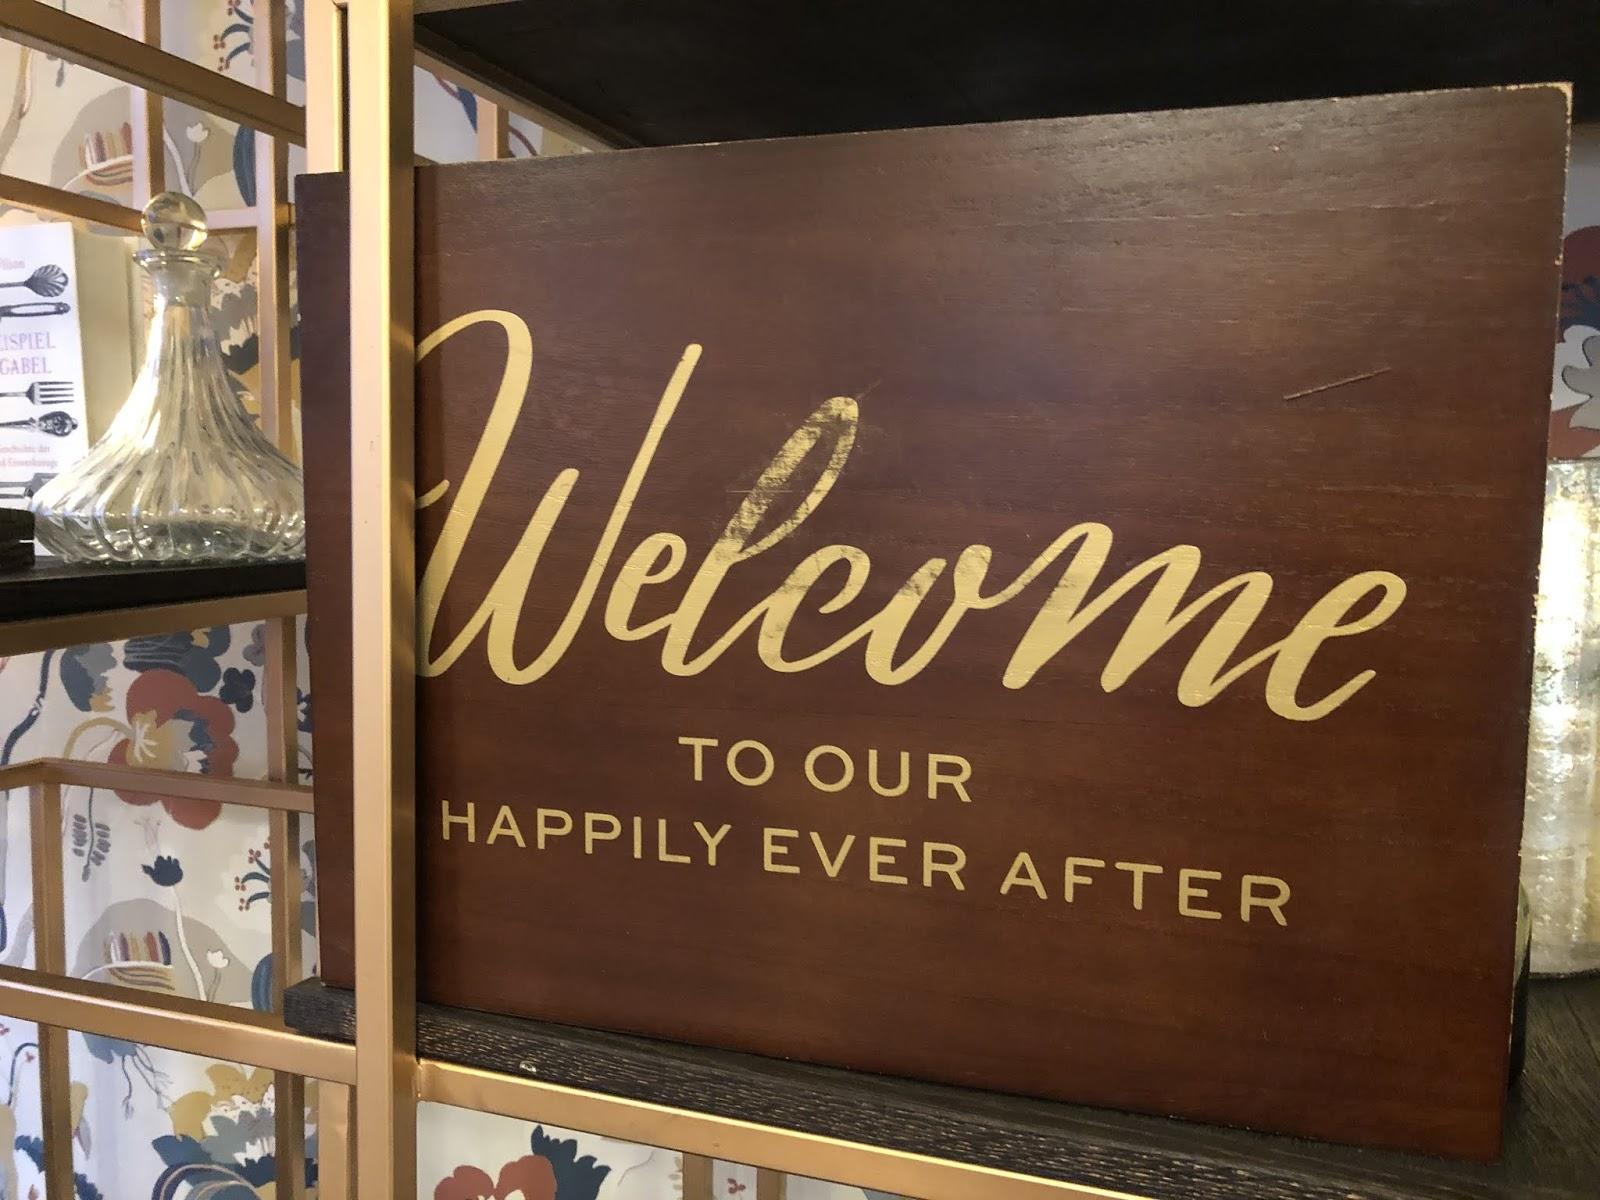 Welcome to our happily ever after, Winterhochzeit in Garmisch-Partenkirchen, 4Eck Restaurant, heiraten in Garmisch, Hochzeitslocation, standesamtliche Trauung, Hochzeitsplanung 4 weddings & events, Hochzeitsplanerin Uschi Glas